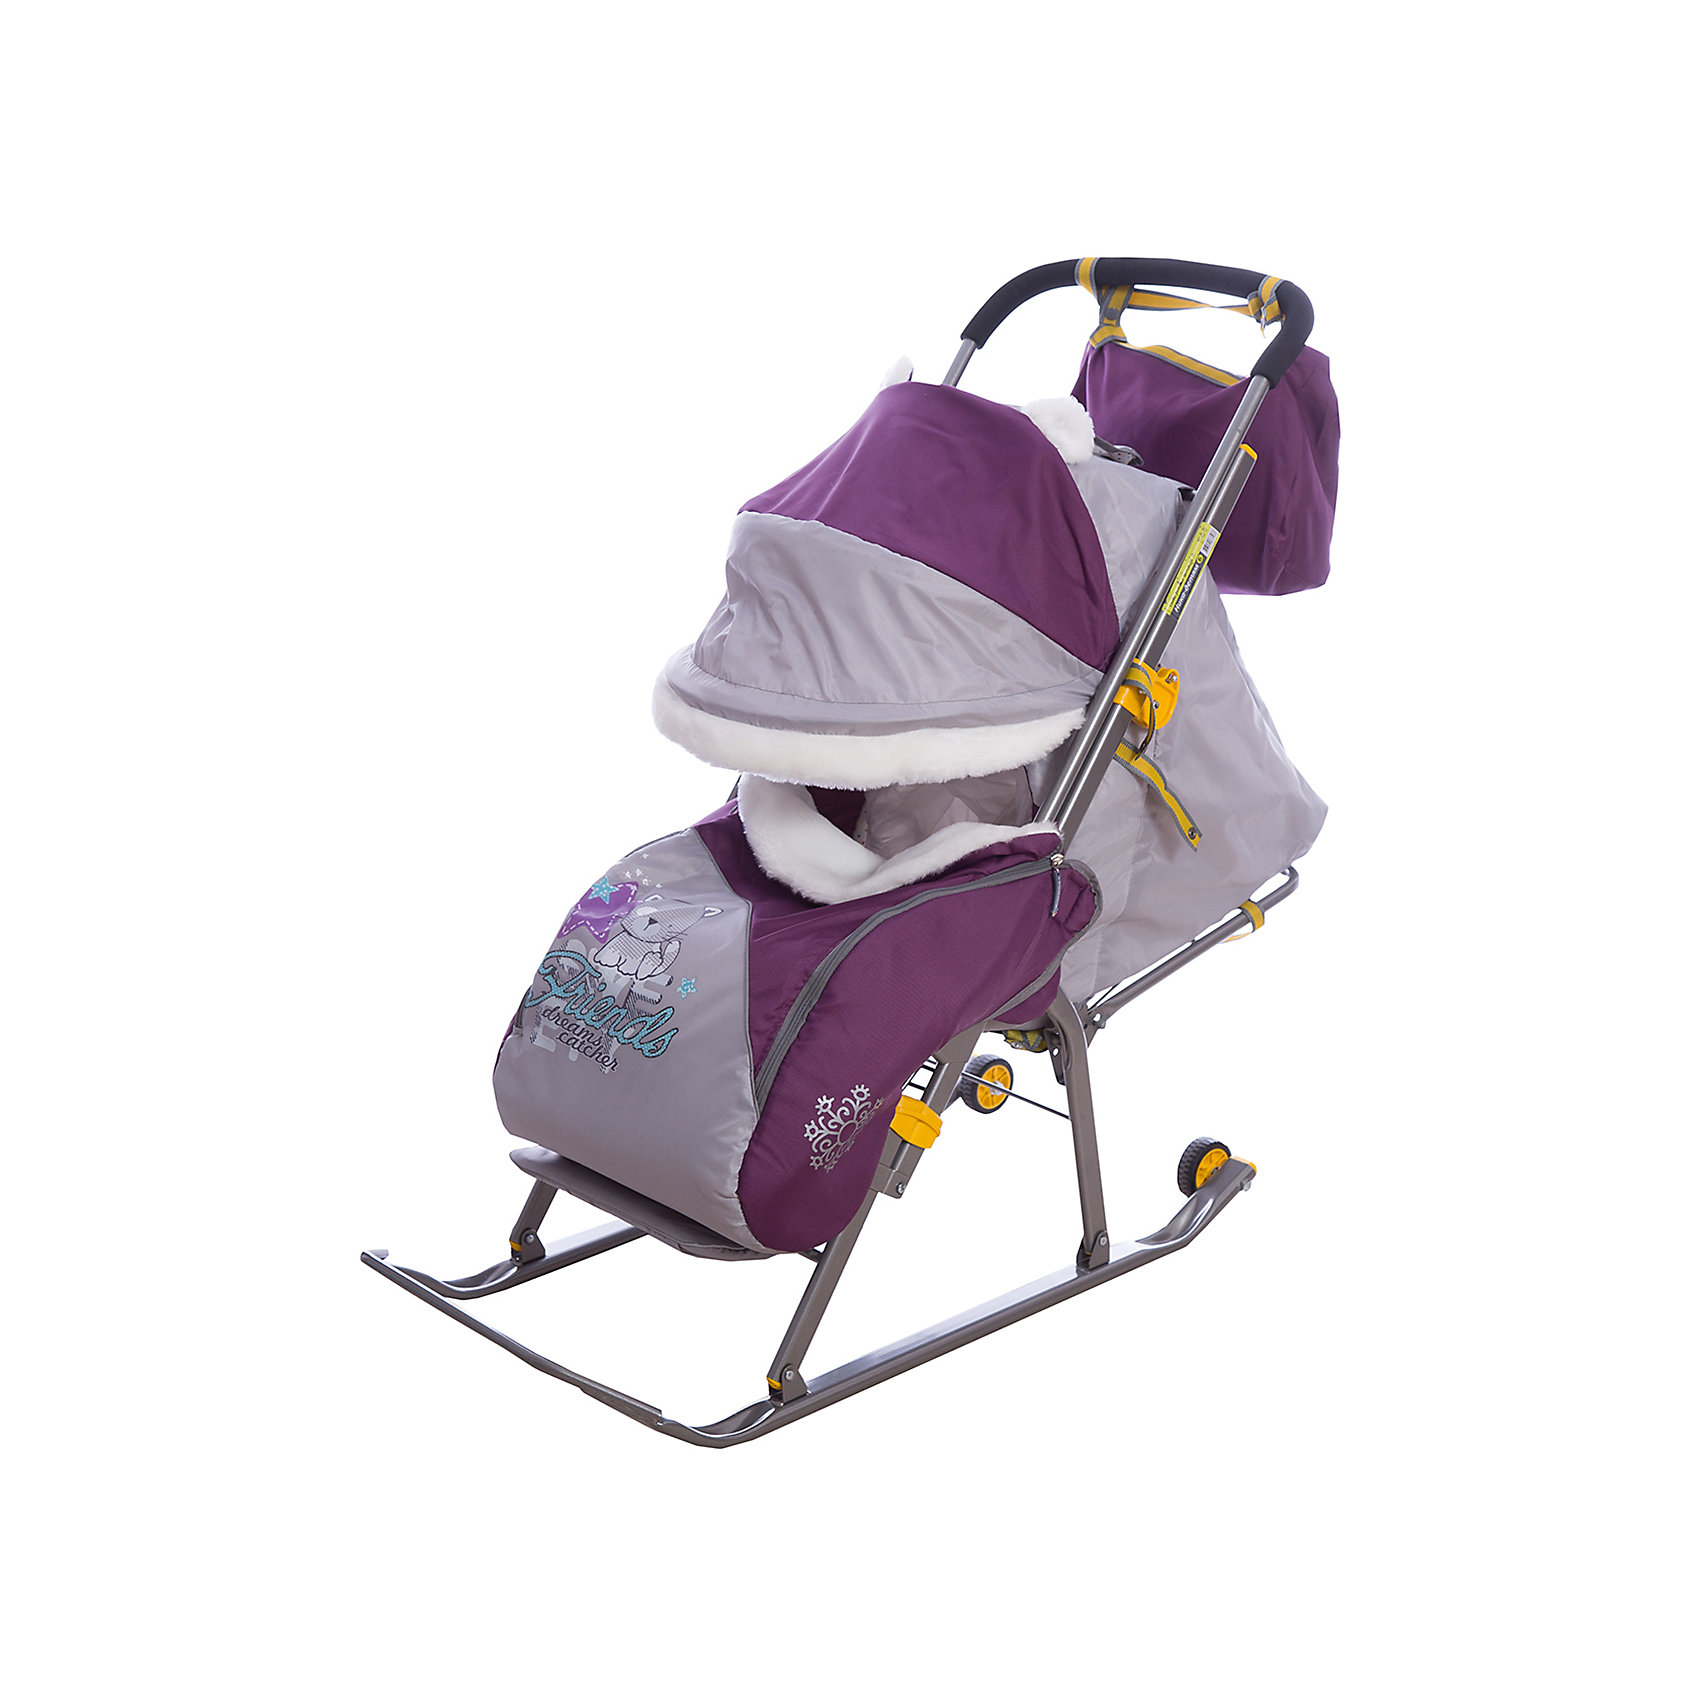 Санки-коляска Ника детям  6, Котенок, баклажановый/серый